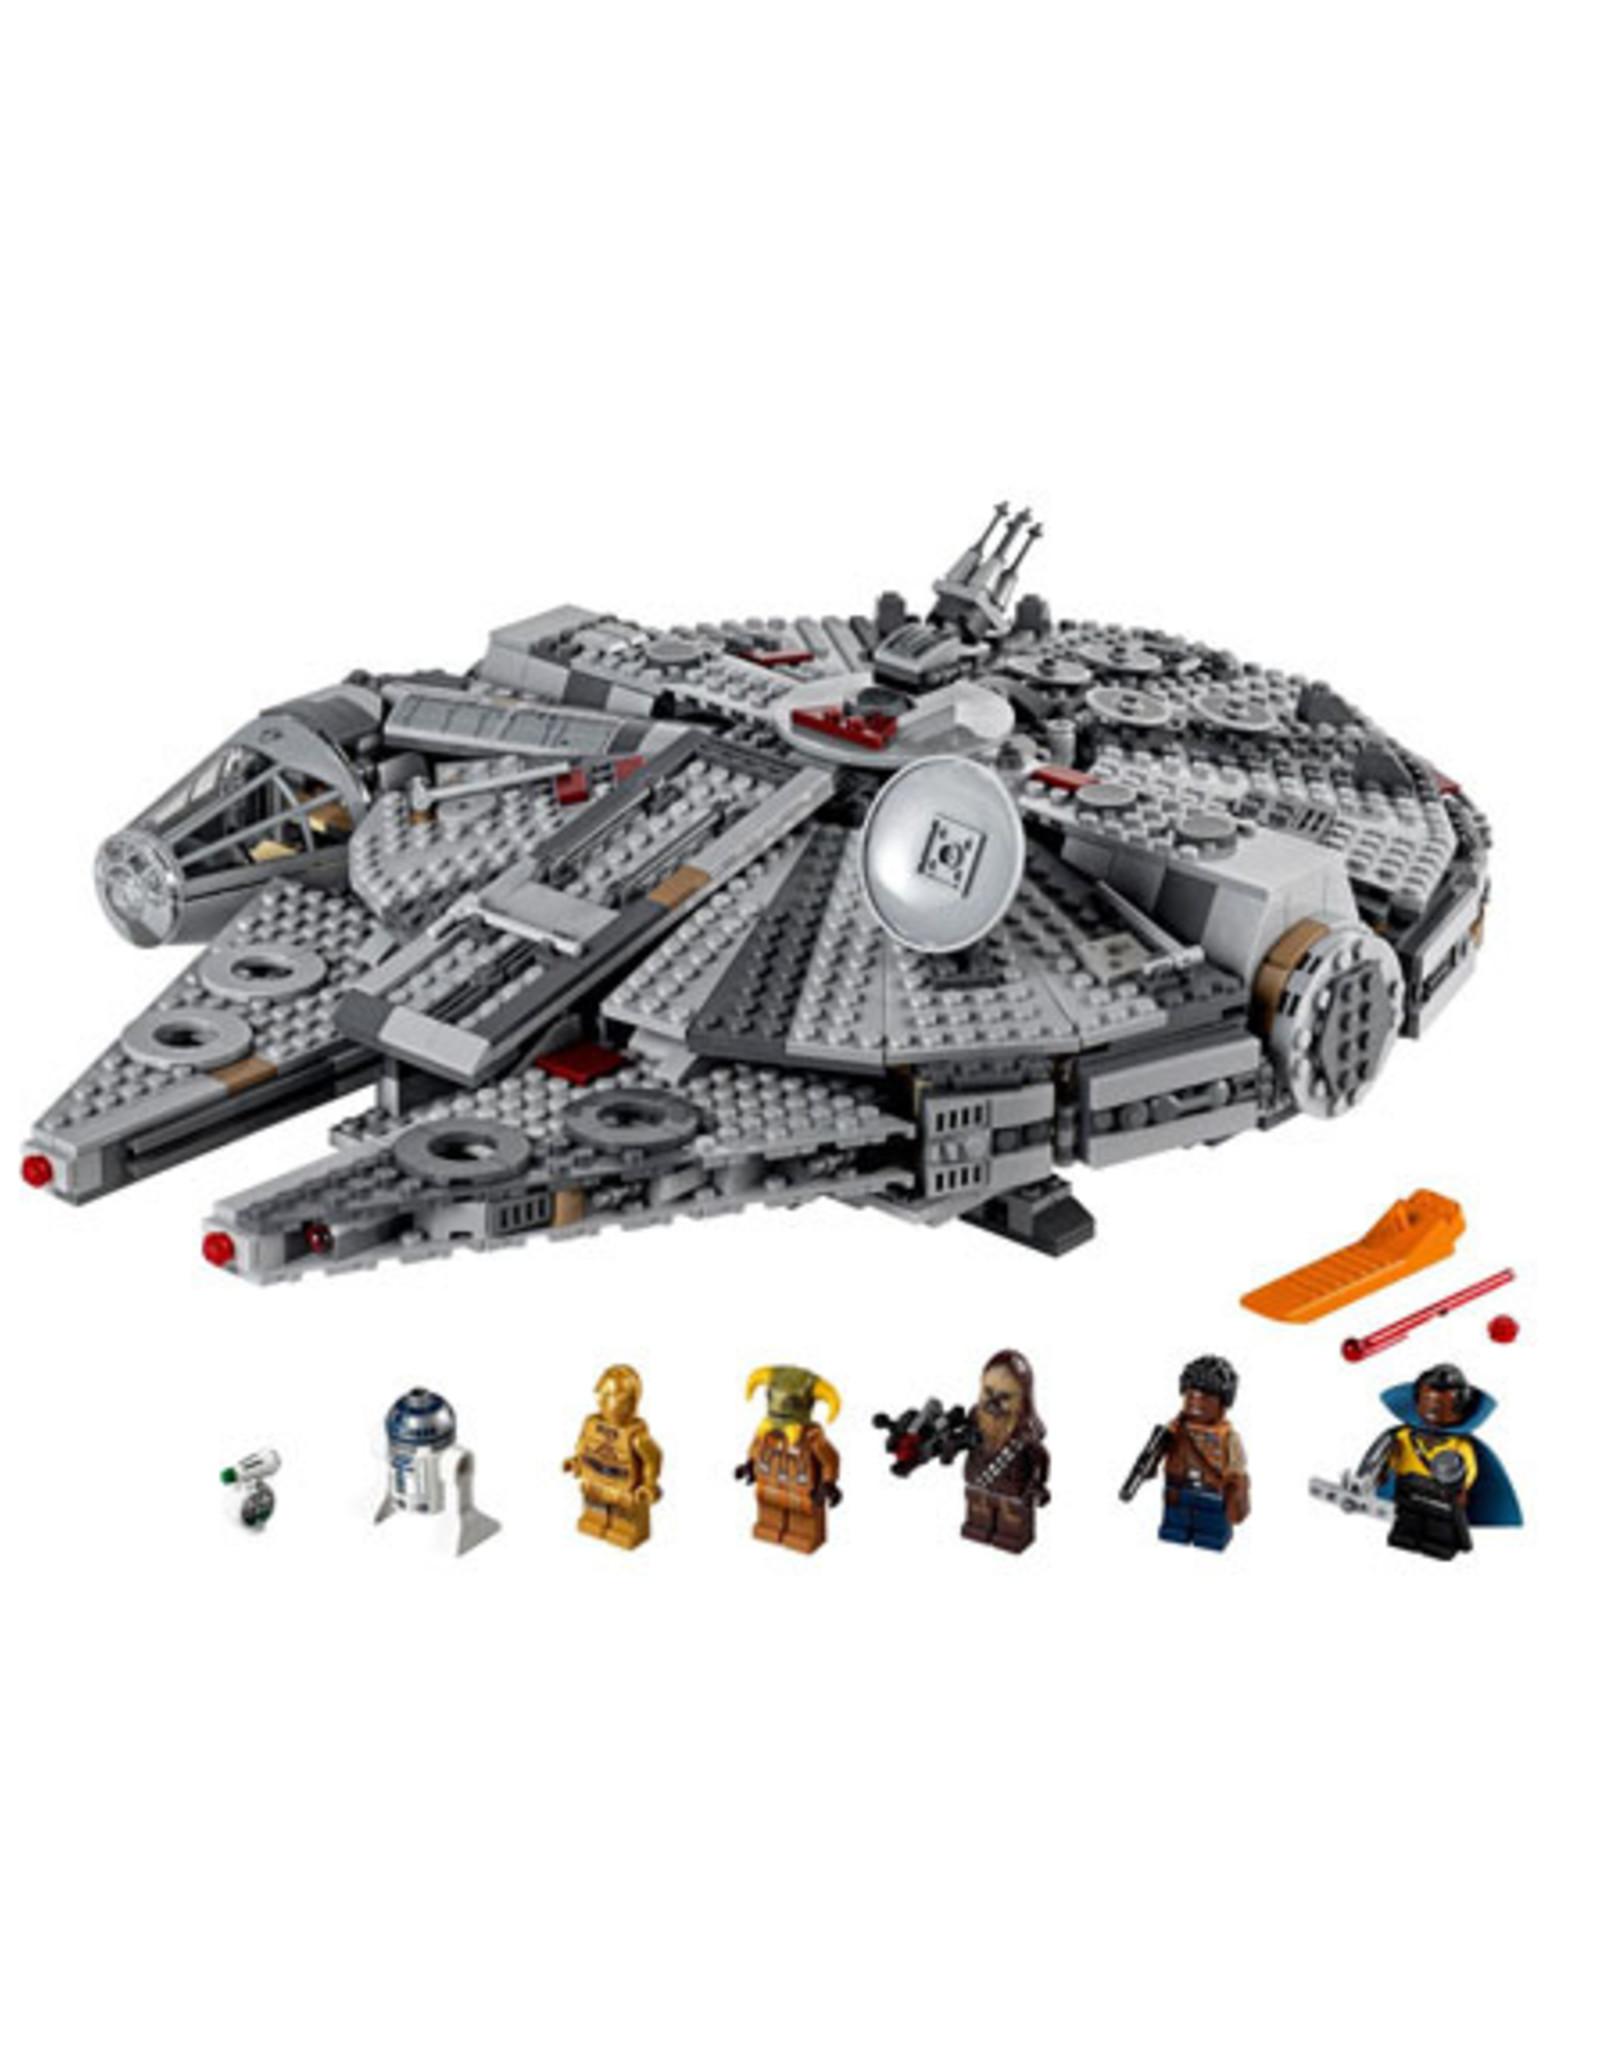 LEGO LEGO 75257 Millennium Falcon STAR WARS